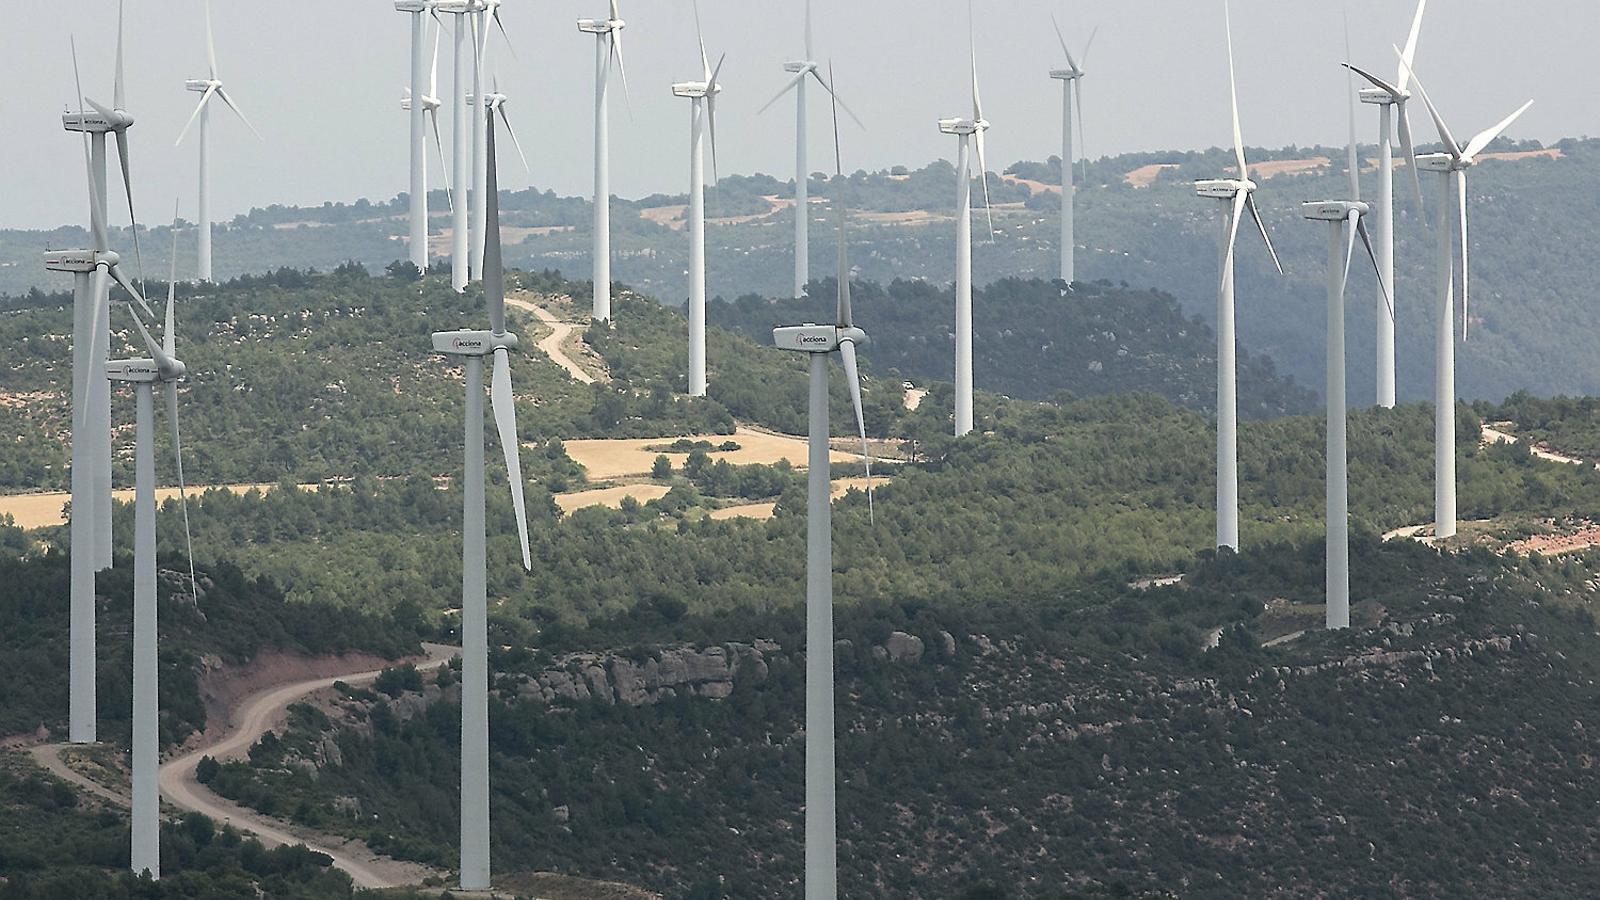 Els anomenats crèdits verds guanyen terreny a Espanya, sobretot en el camp mediambiental.